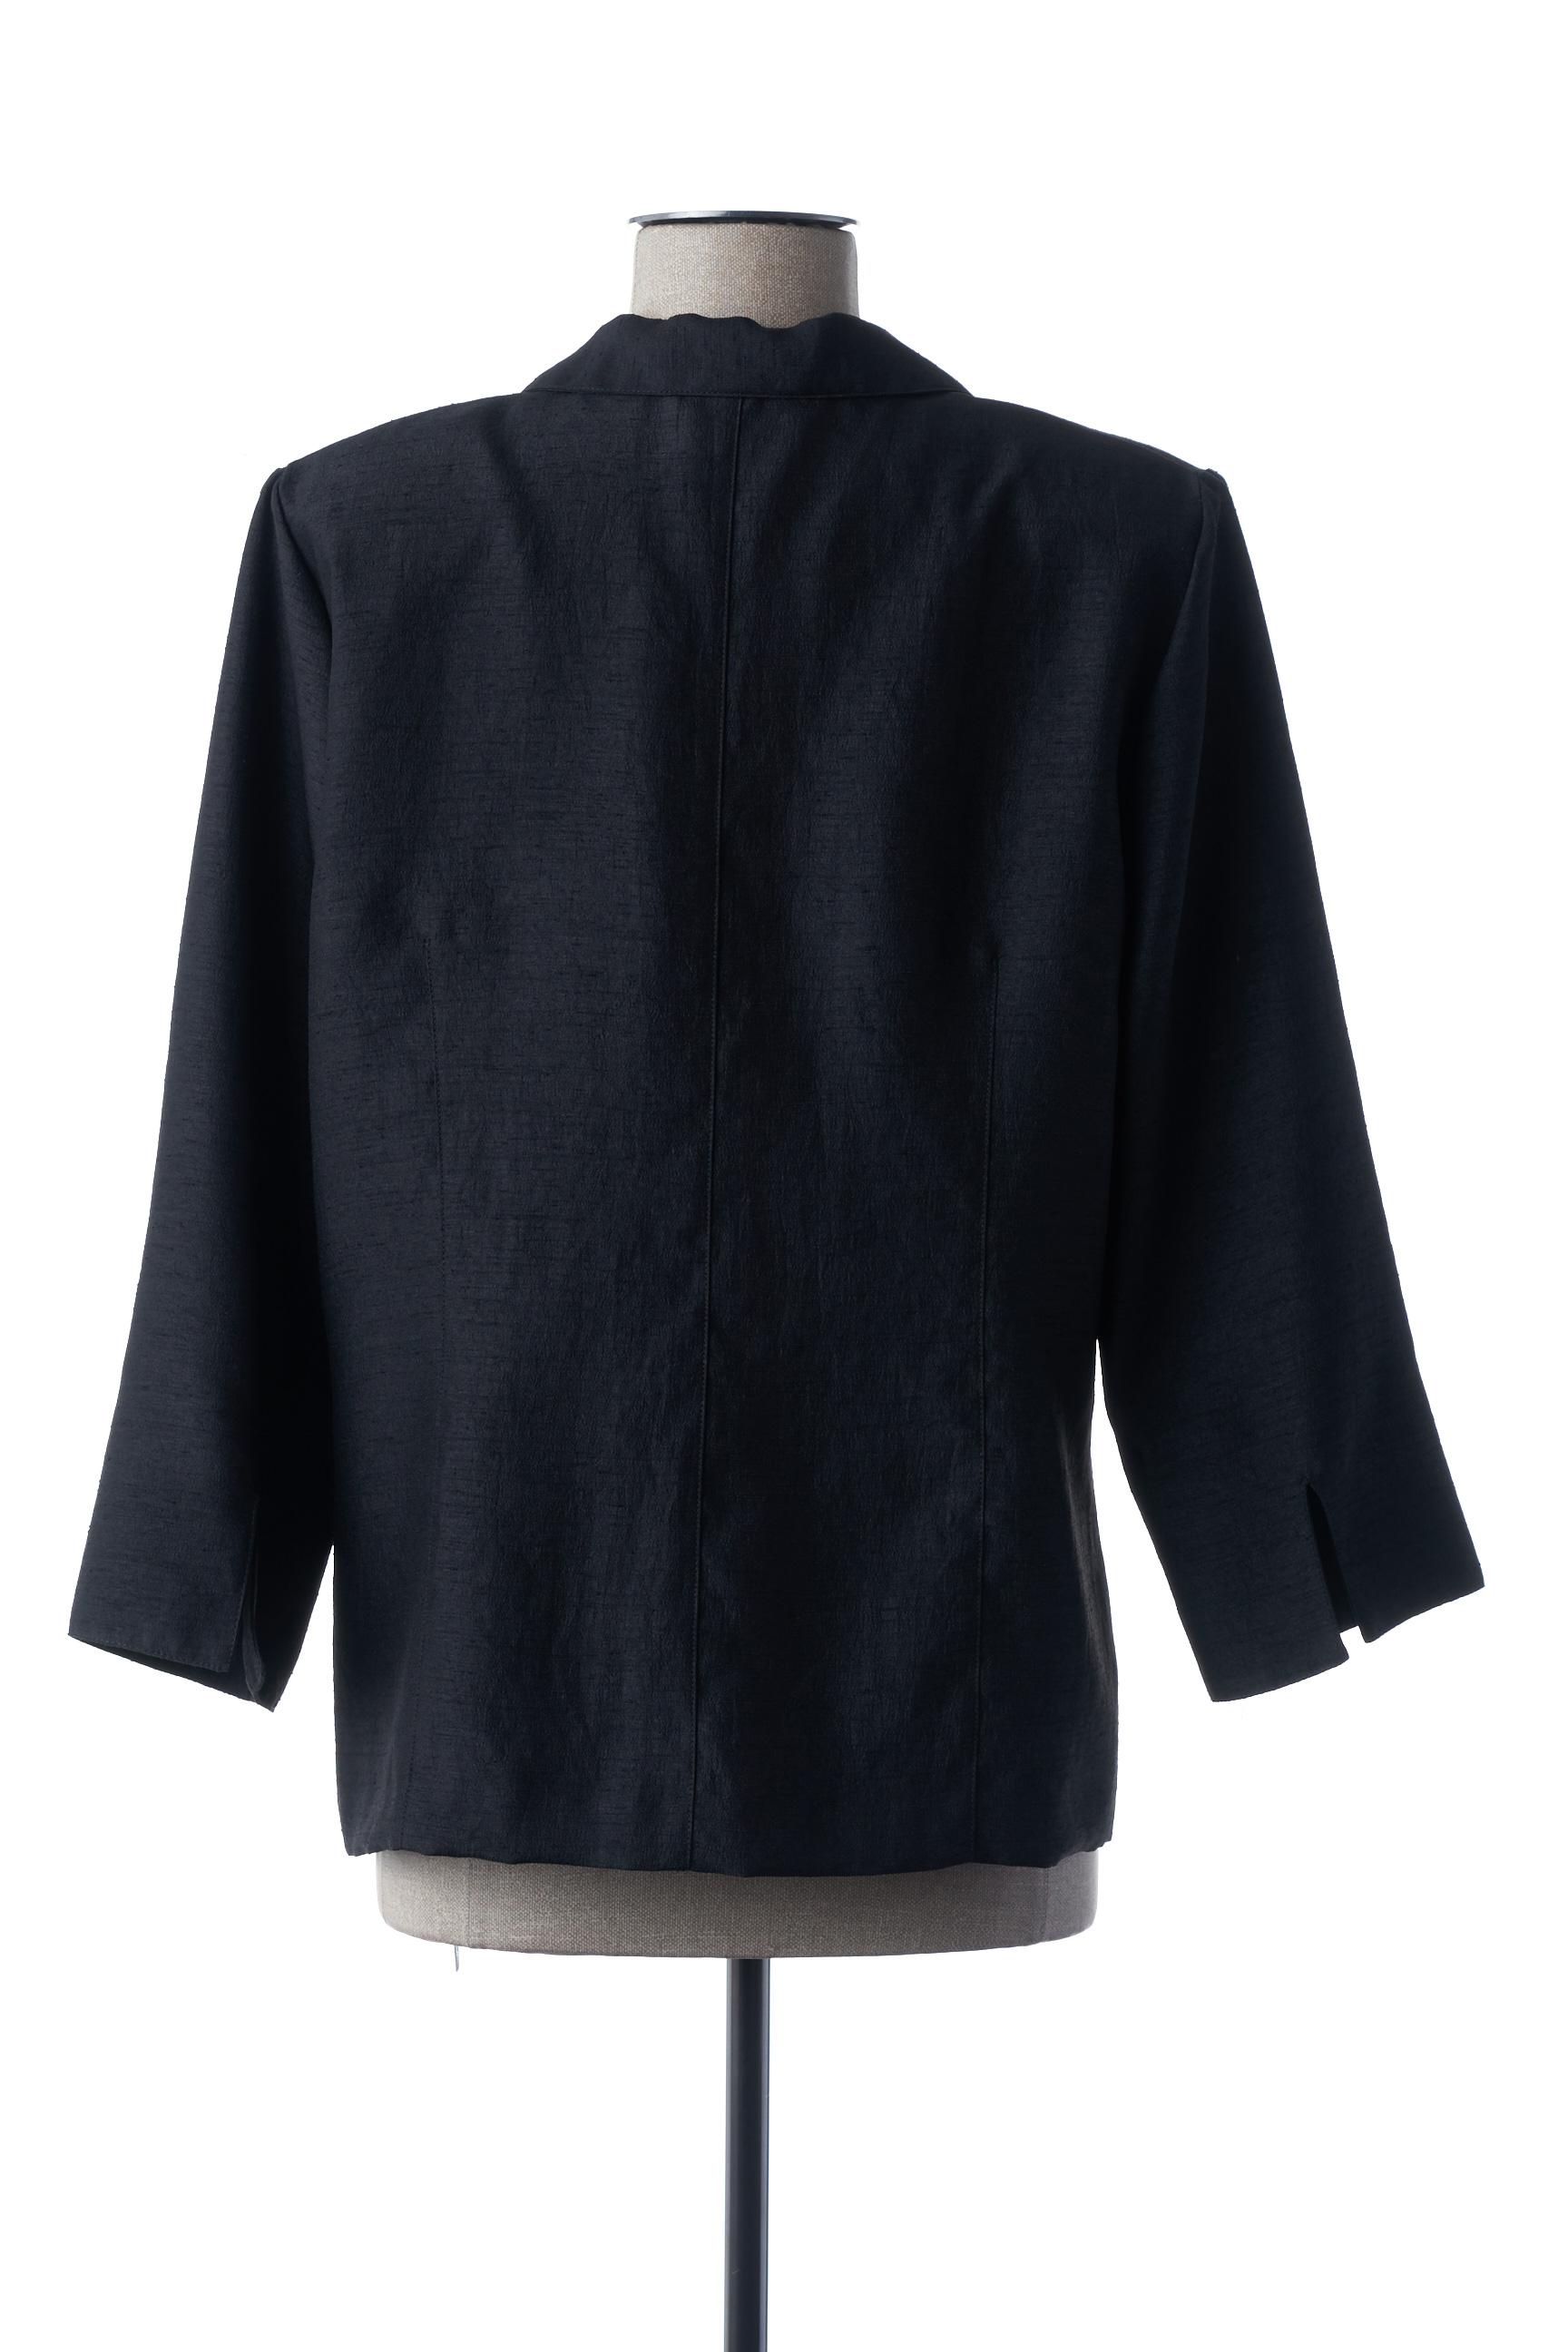 Gevana Vestechic Femme De Couleur Noir En Soldes Pas Cher 1450416-noir00